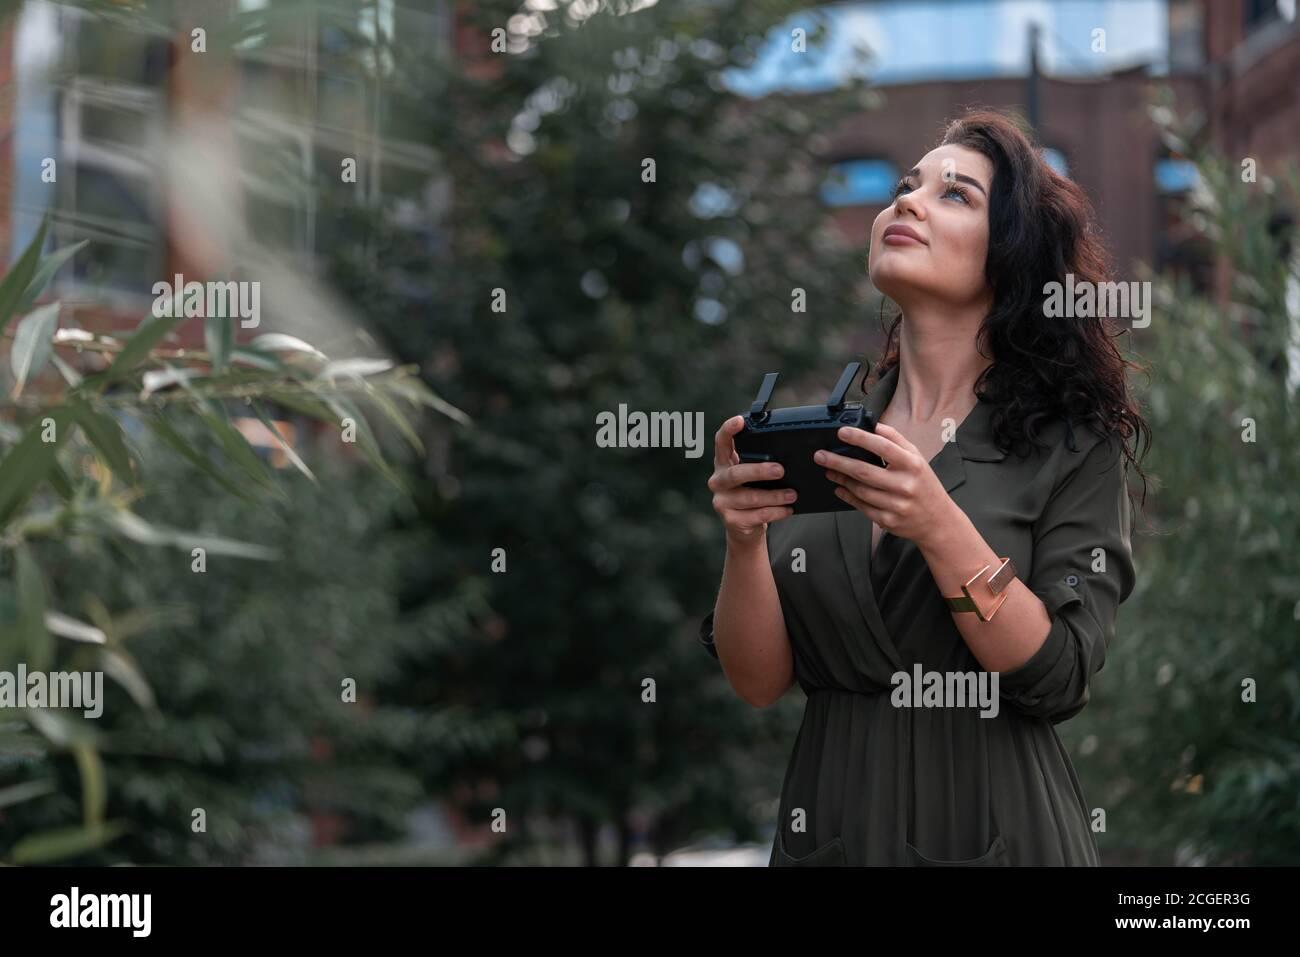 Jeune belle femme lançant Drone Quadcopter à Modern Park et regardant Sky. Vidéographie. Appareil moderne. Banque D'Images